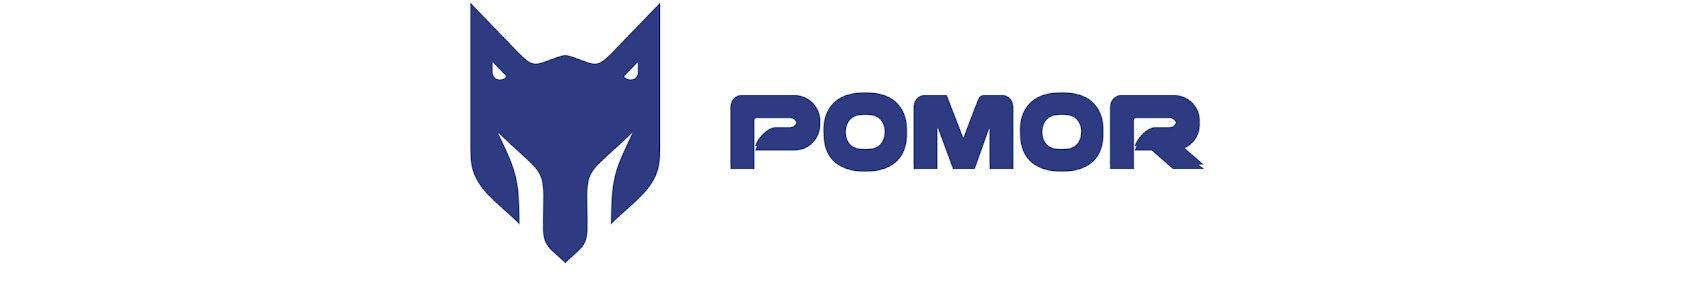 Помор / Pomor